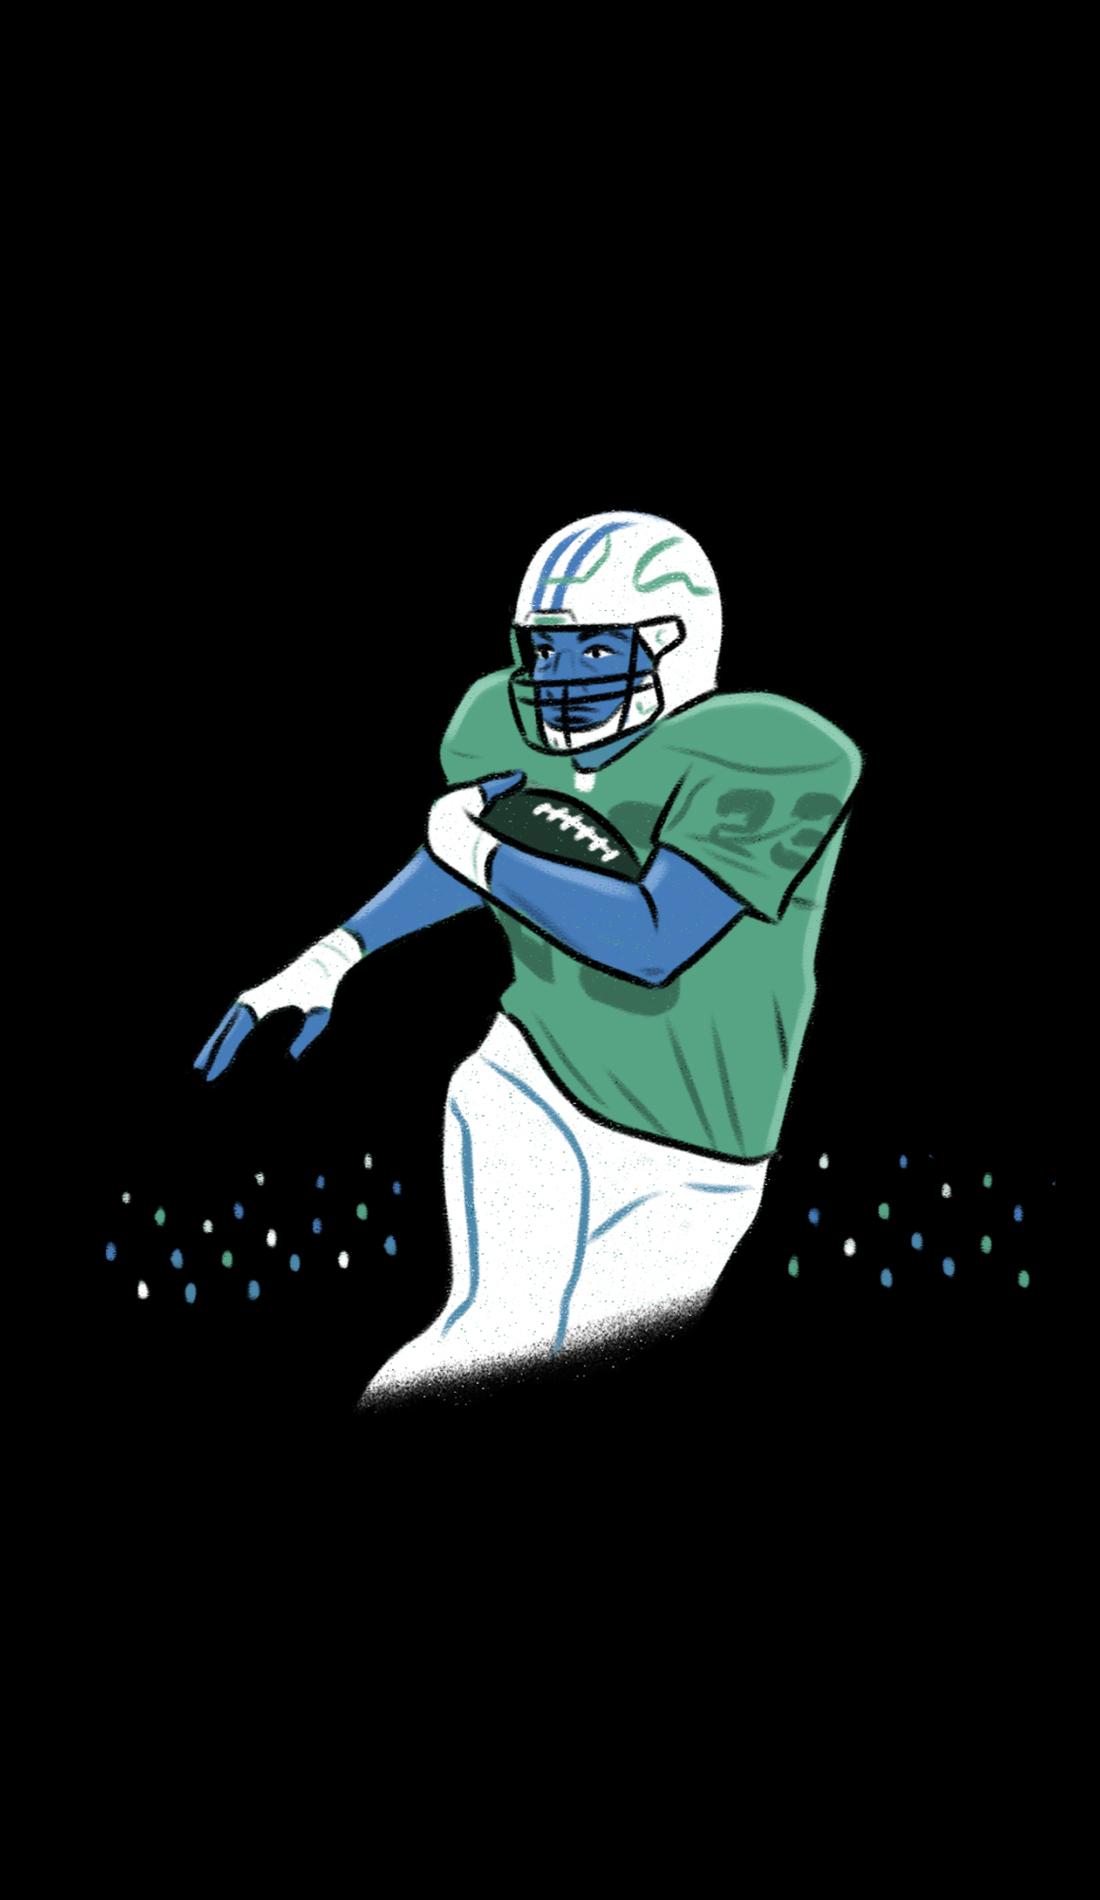 A Arkansas Pine Bluff Golden Lions Football live event